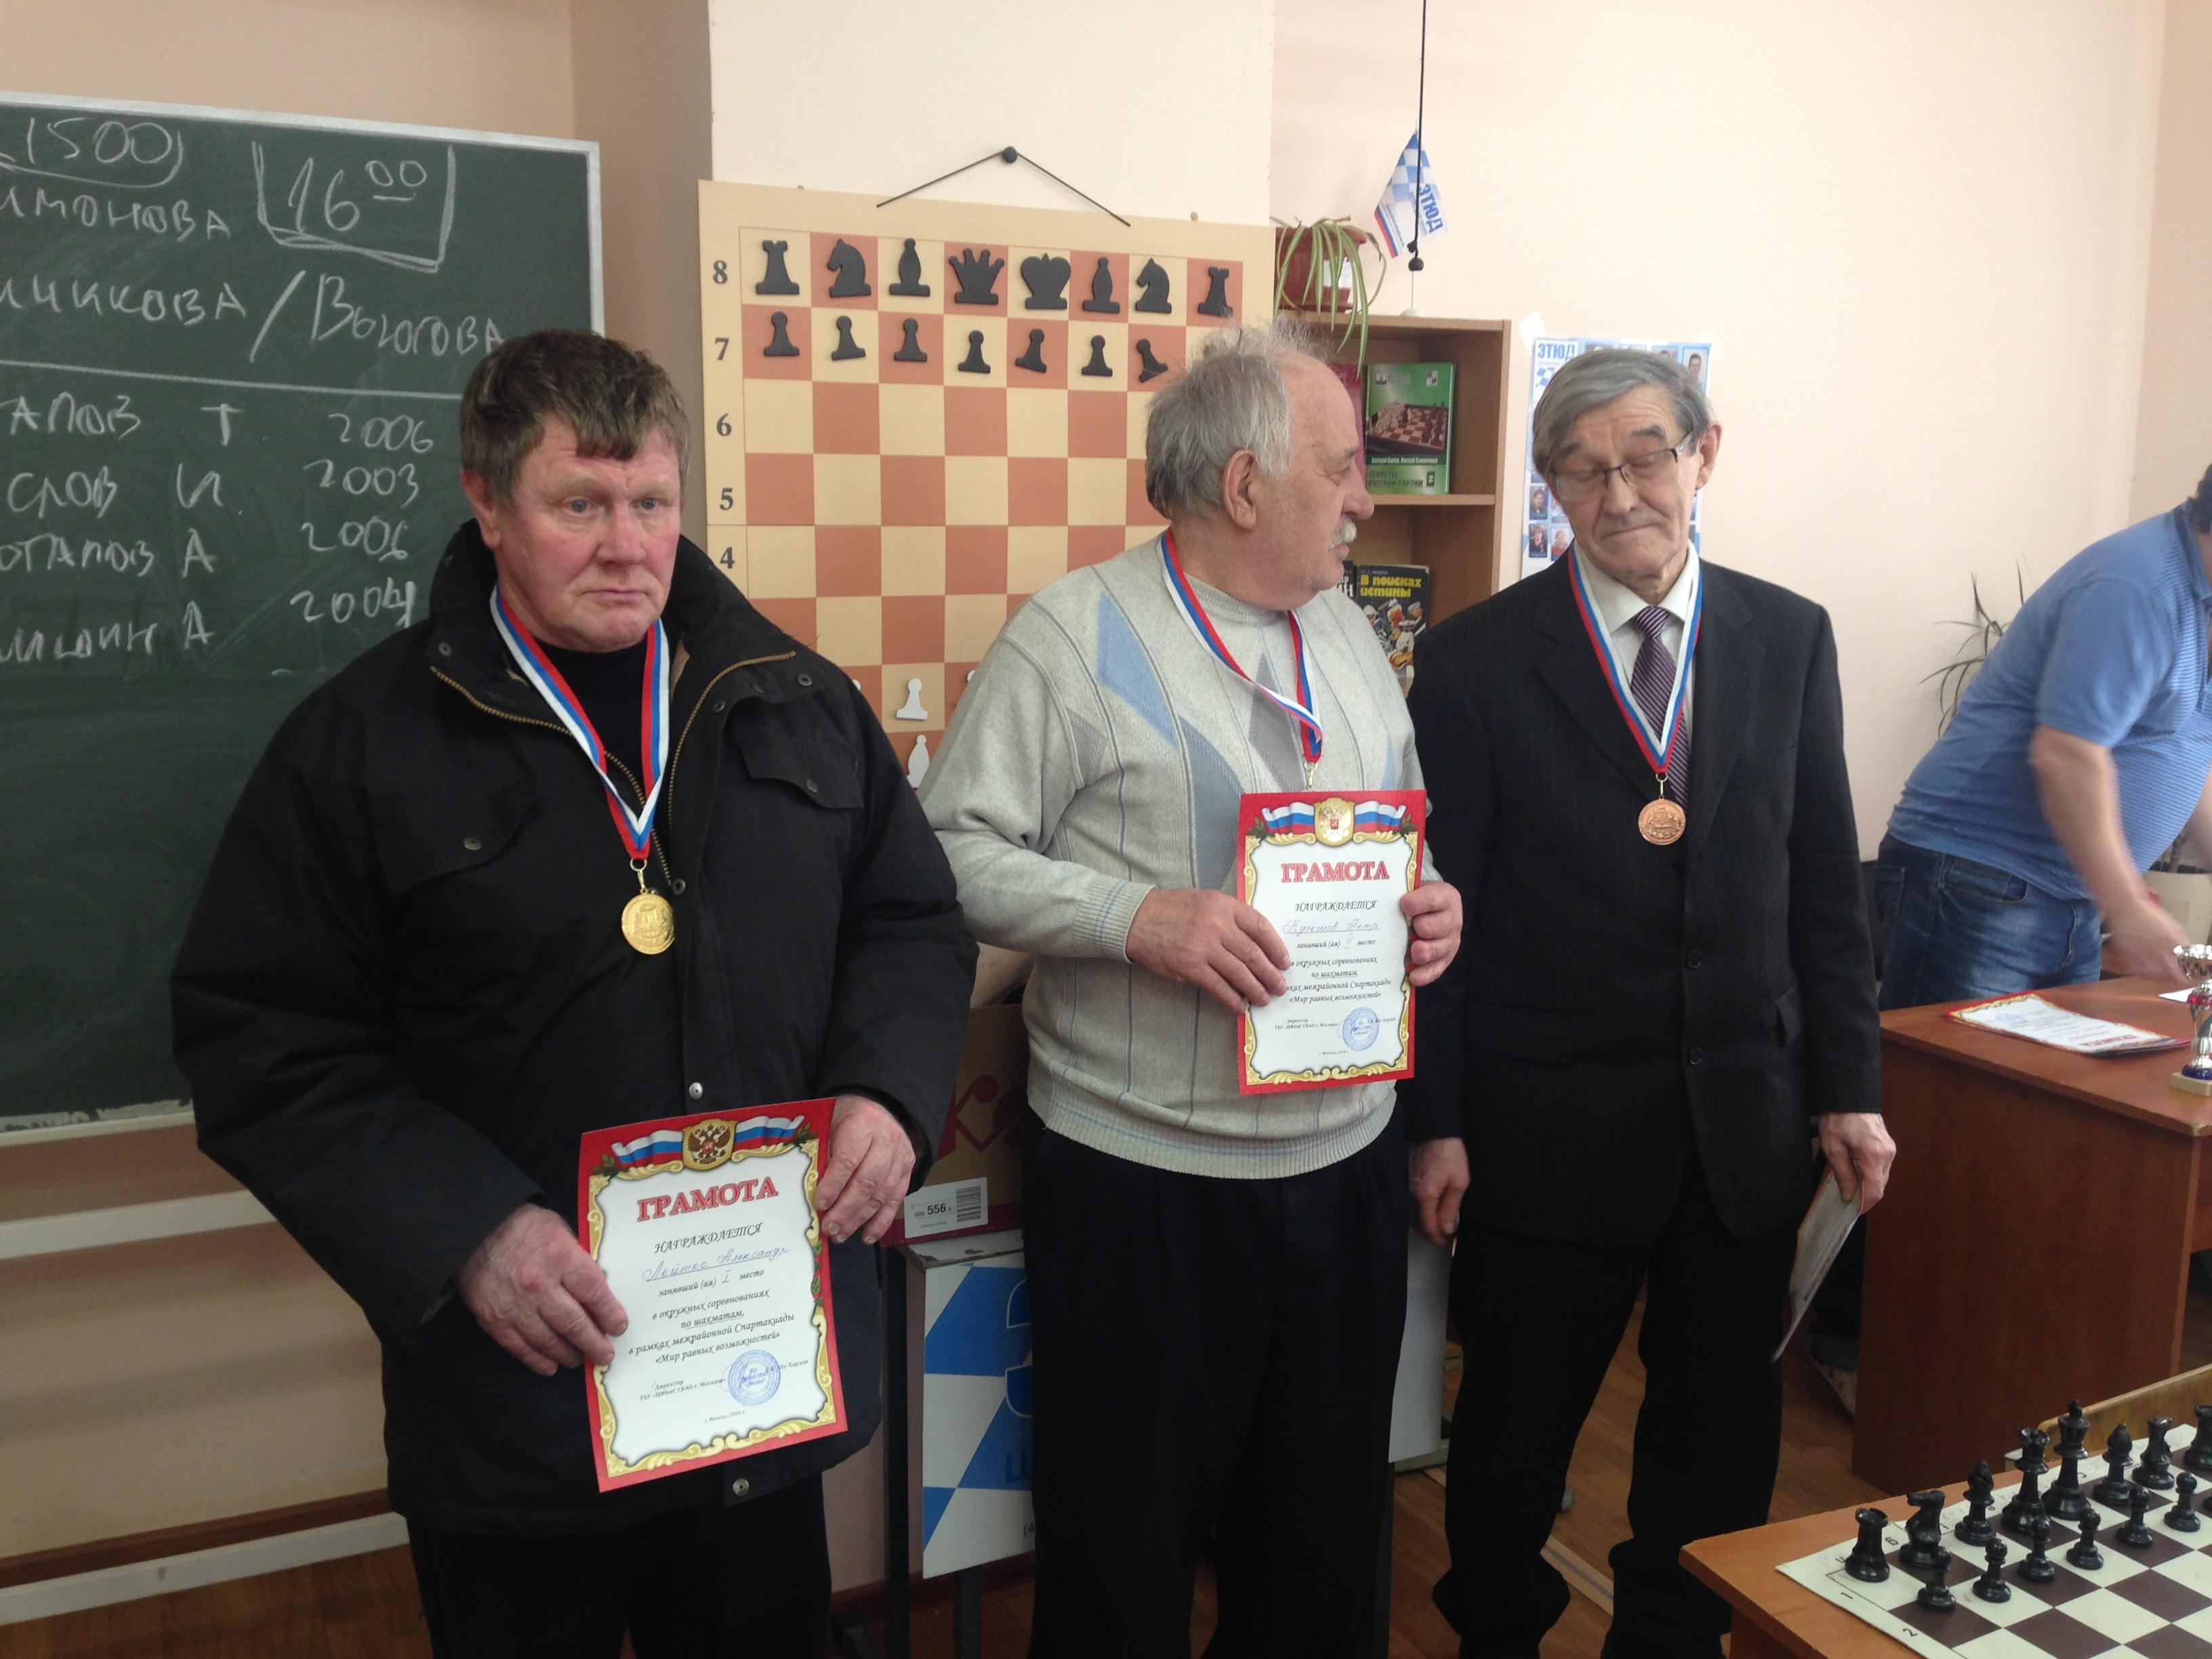 Окружные соревнования по шахматам среди людей с ограниченными возможностями здоровья